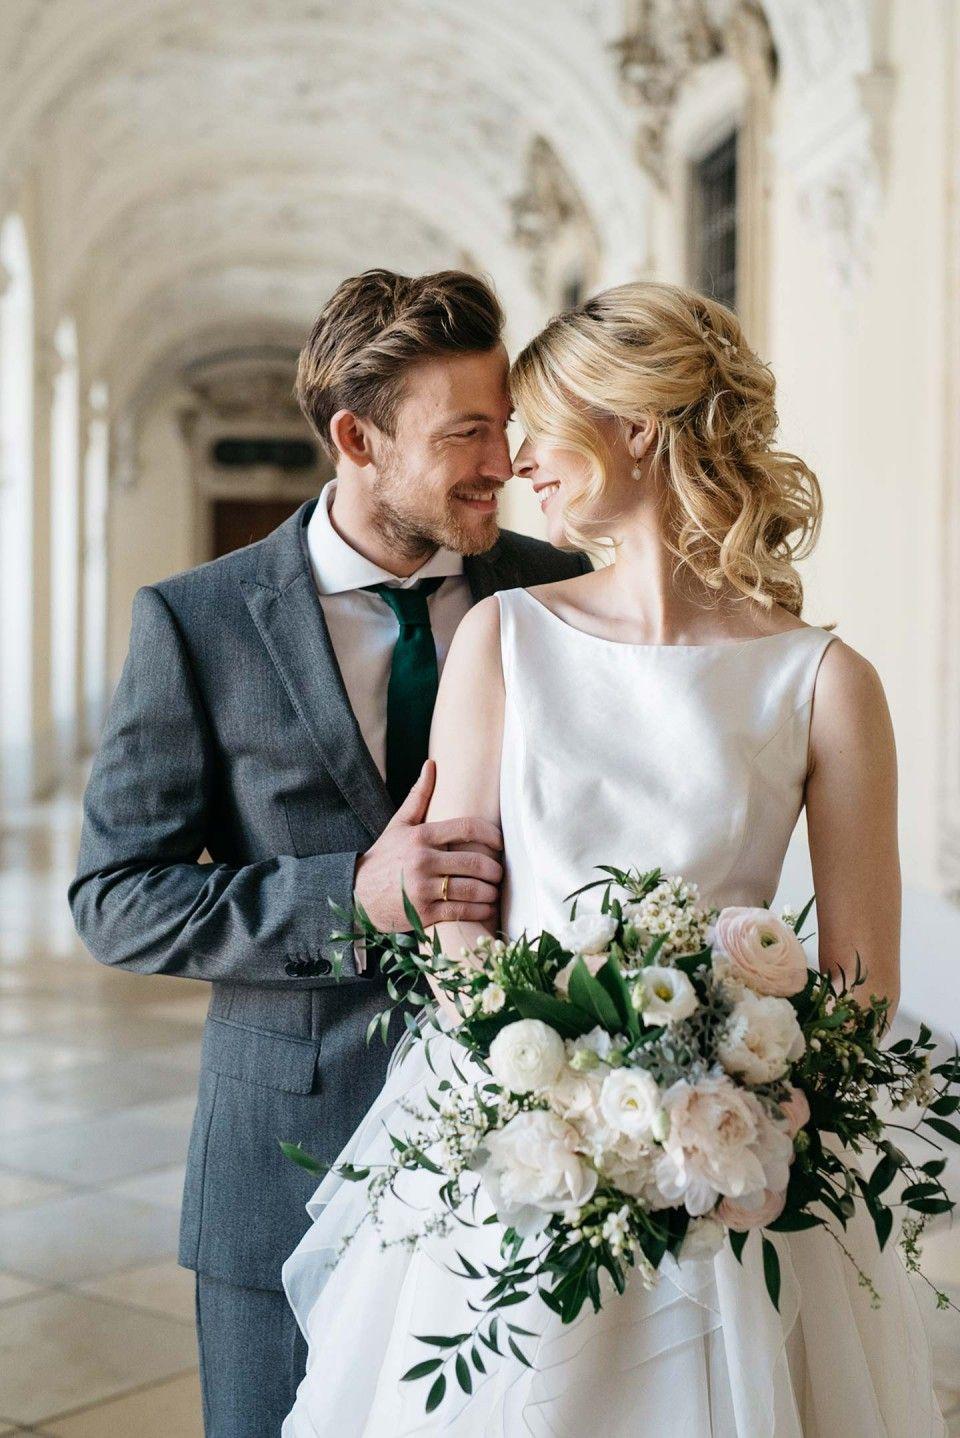 лилии результат фотографии свадеб людей из высшего общества того